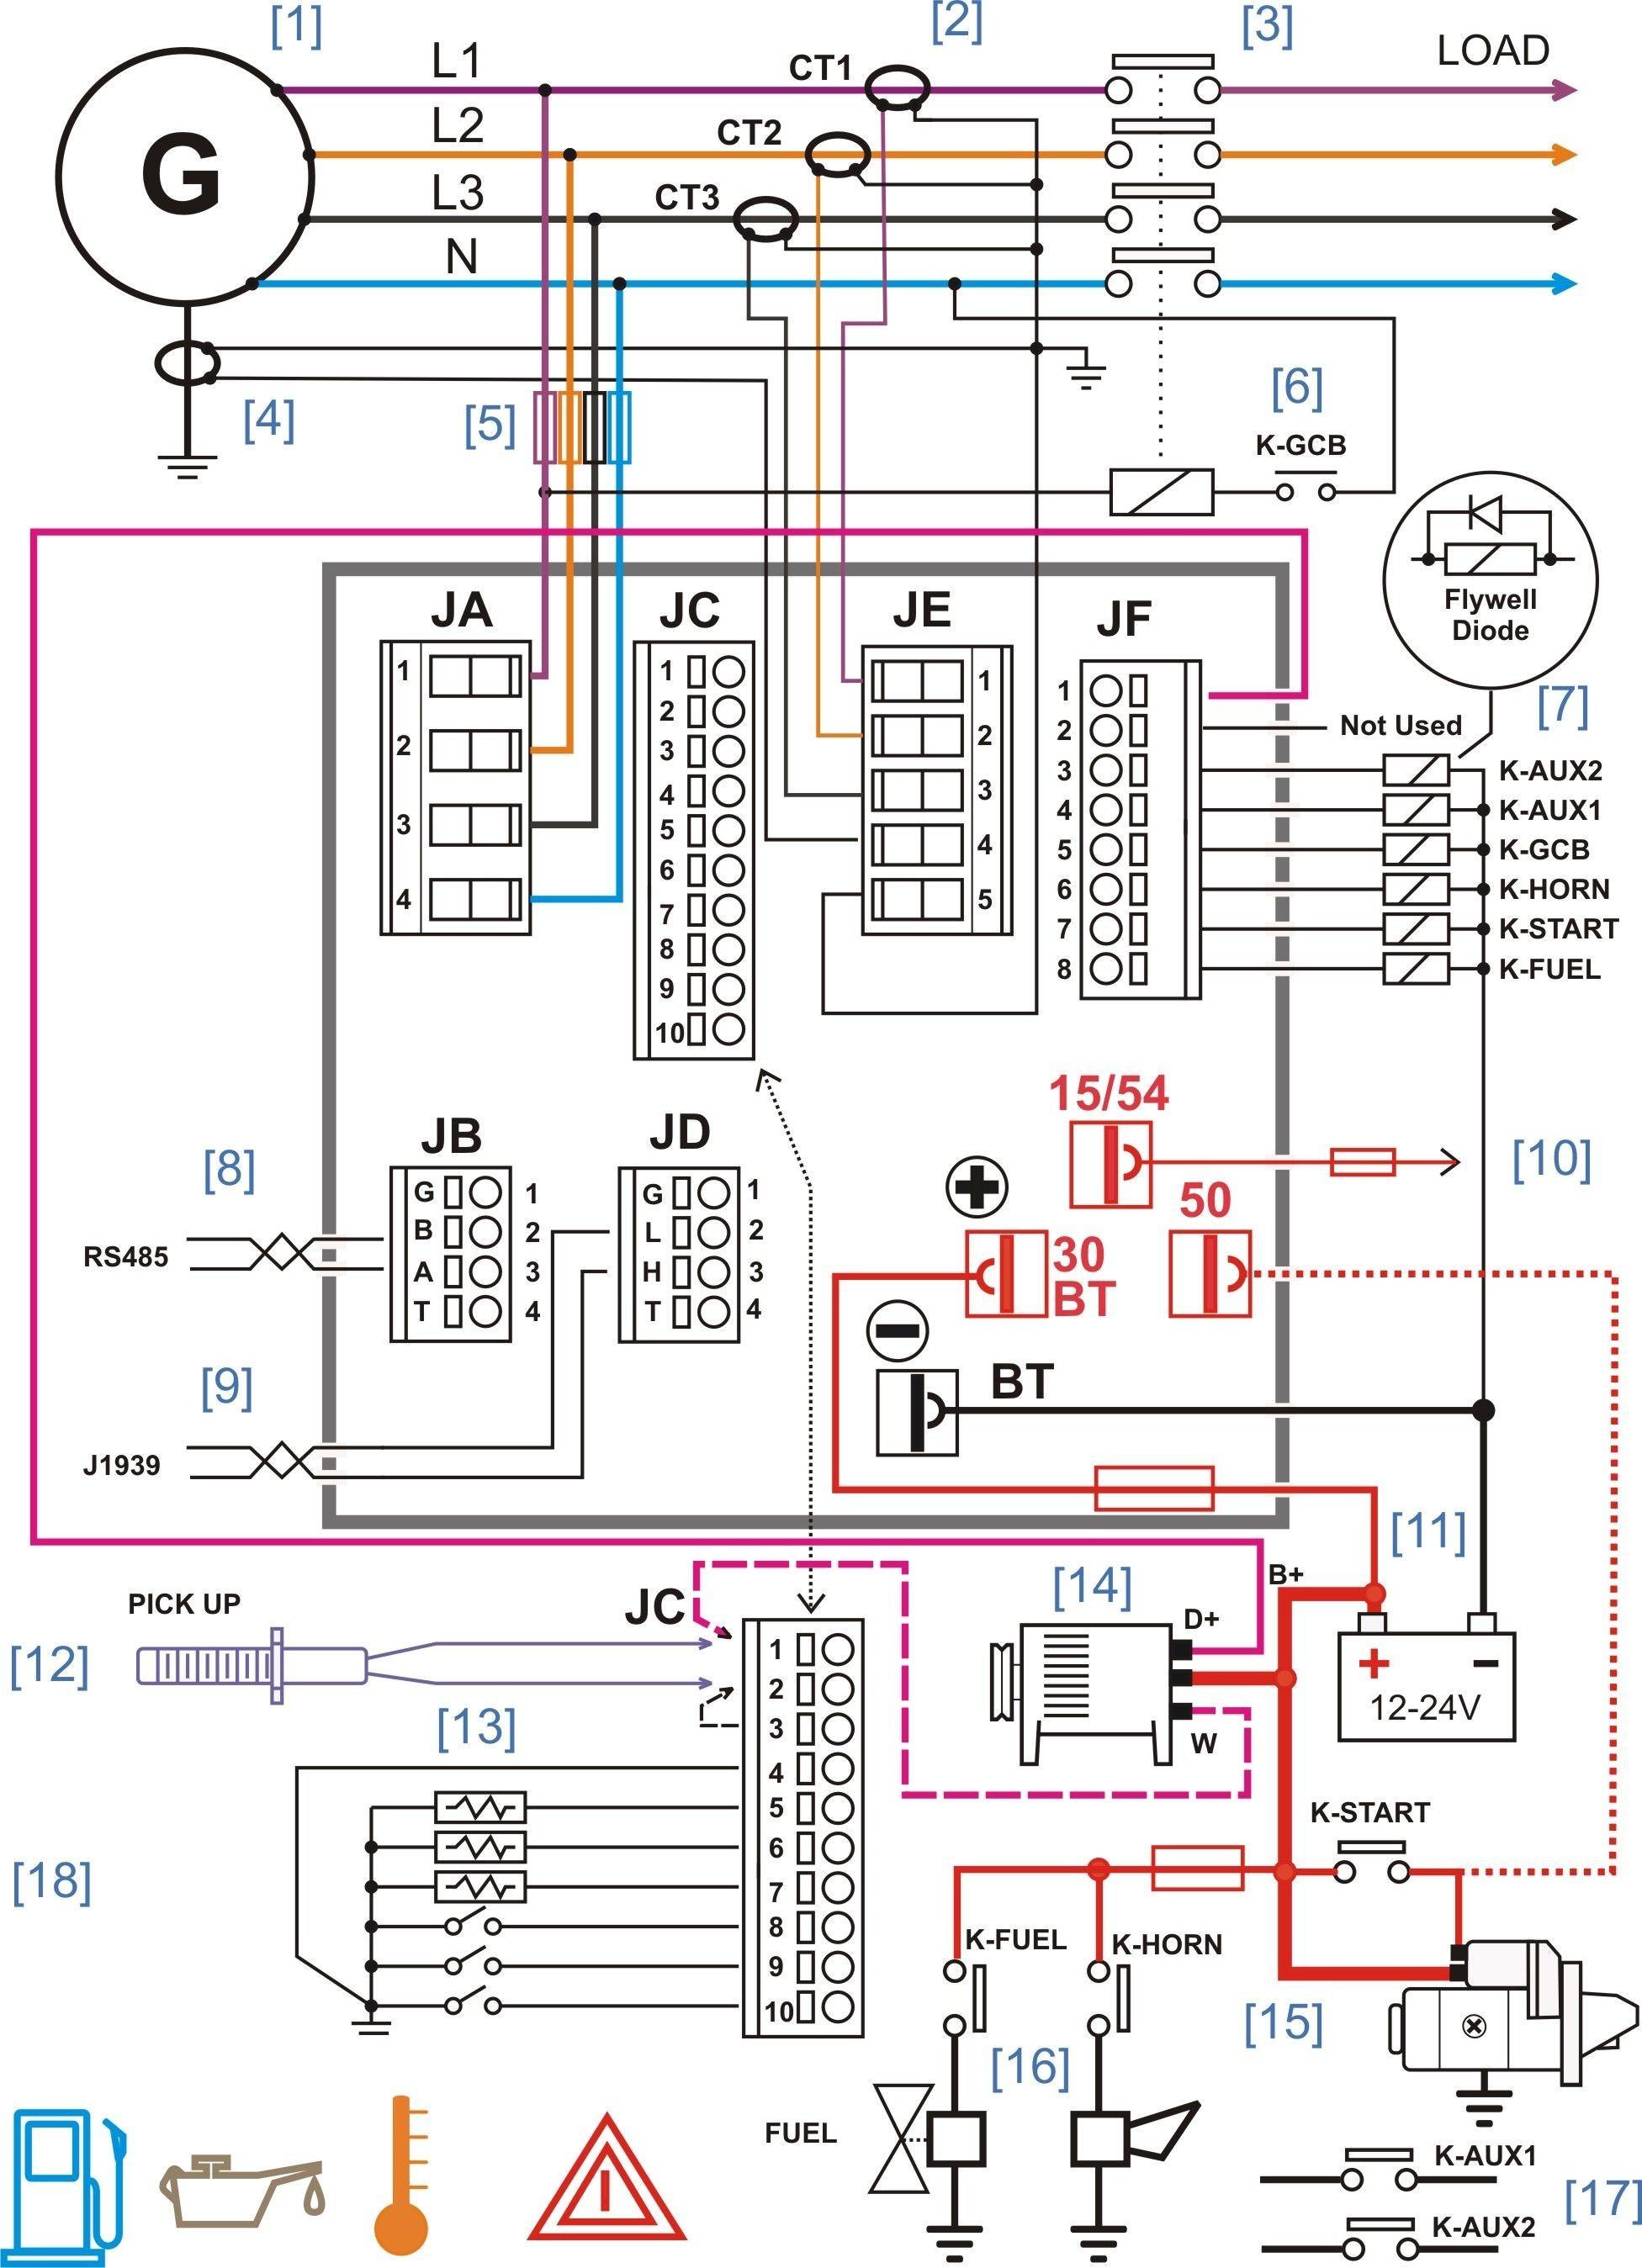 Diesel engine diagram diagram a diesel engine universal ignition diesel engine diagram diagram a diesel engine diesel generator control panel wiring of diesel engine diagram asfbconference2016 Choice Image